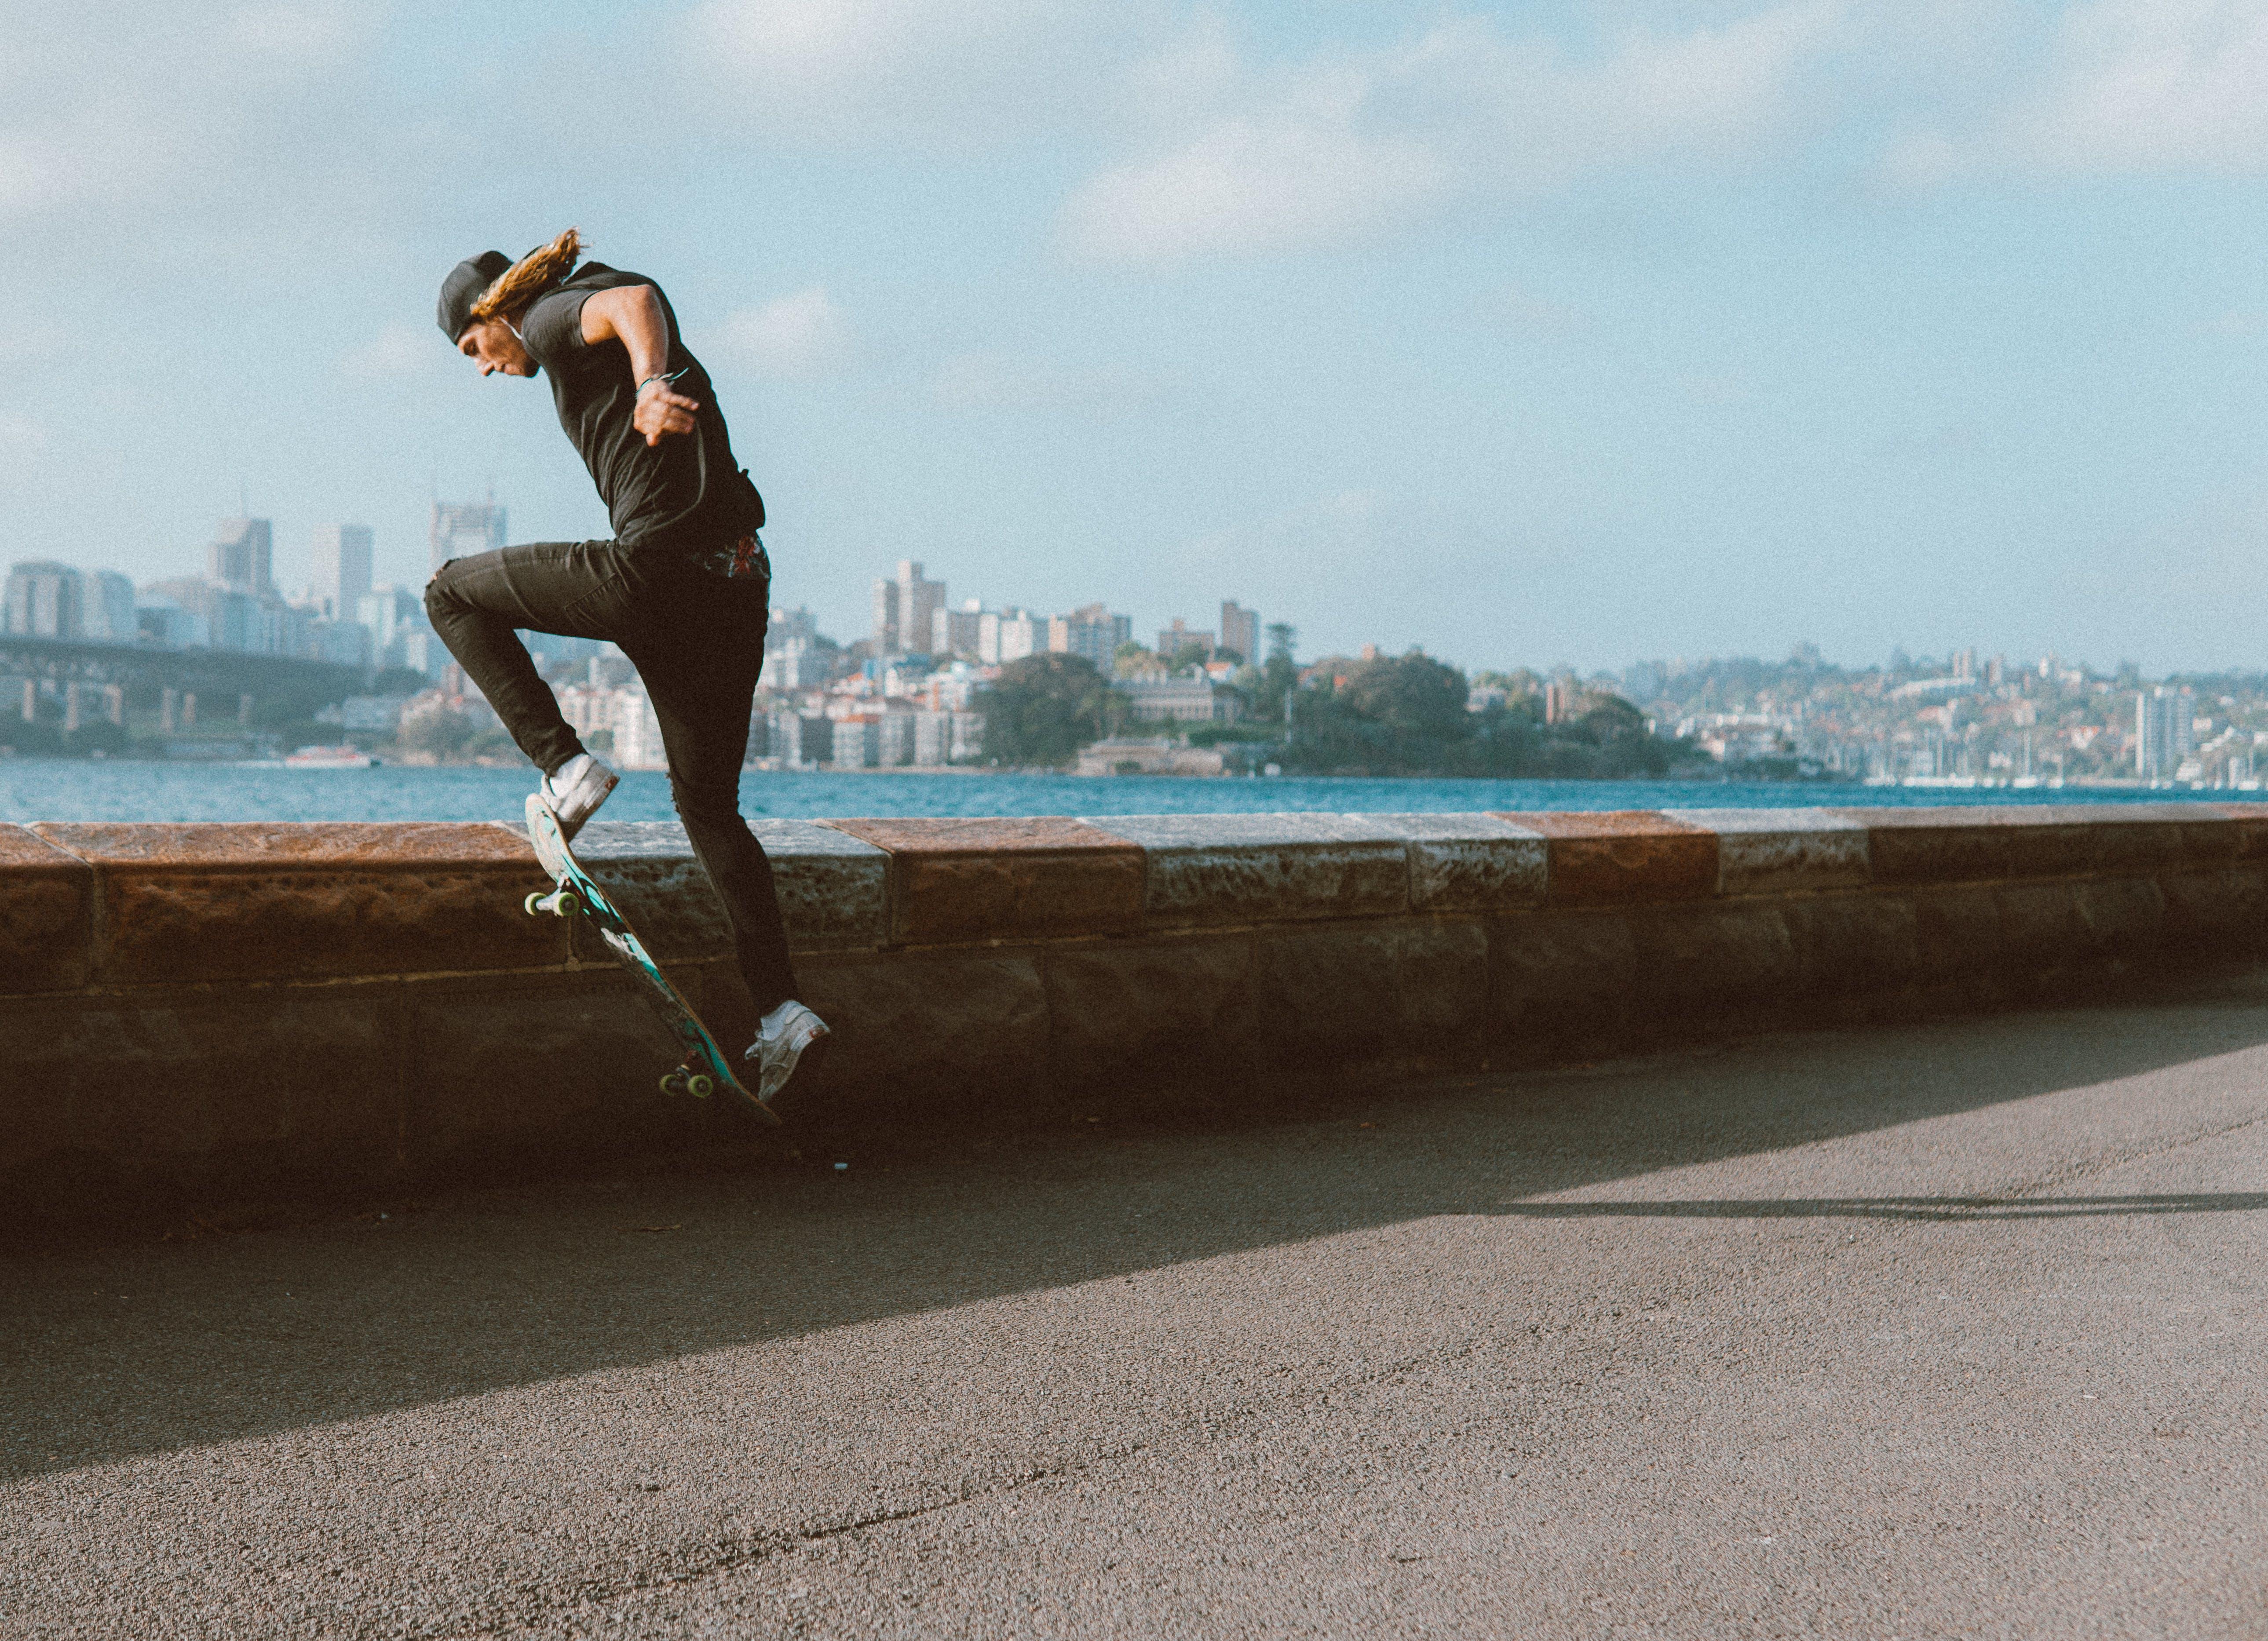 Man Doing Tricks On Skateboard